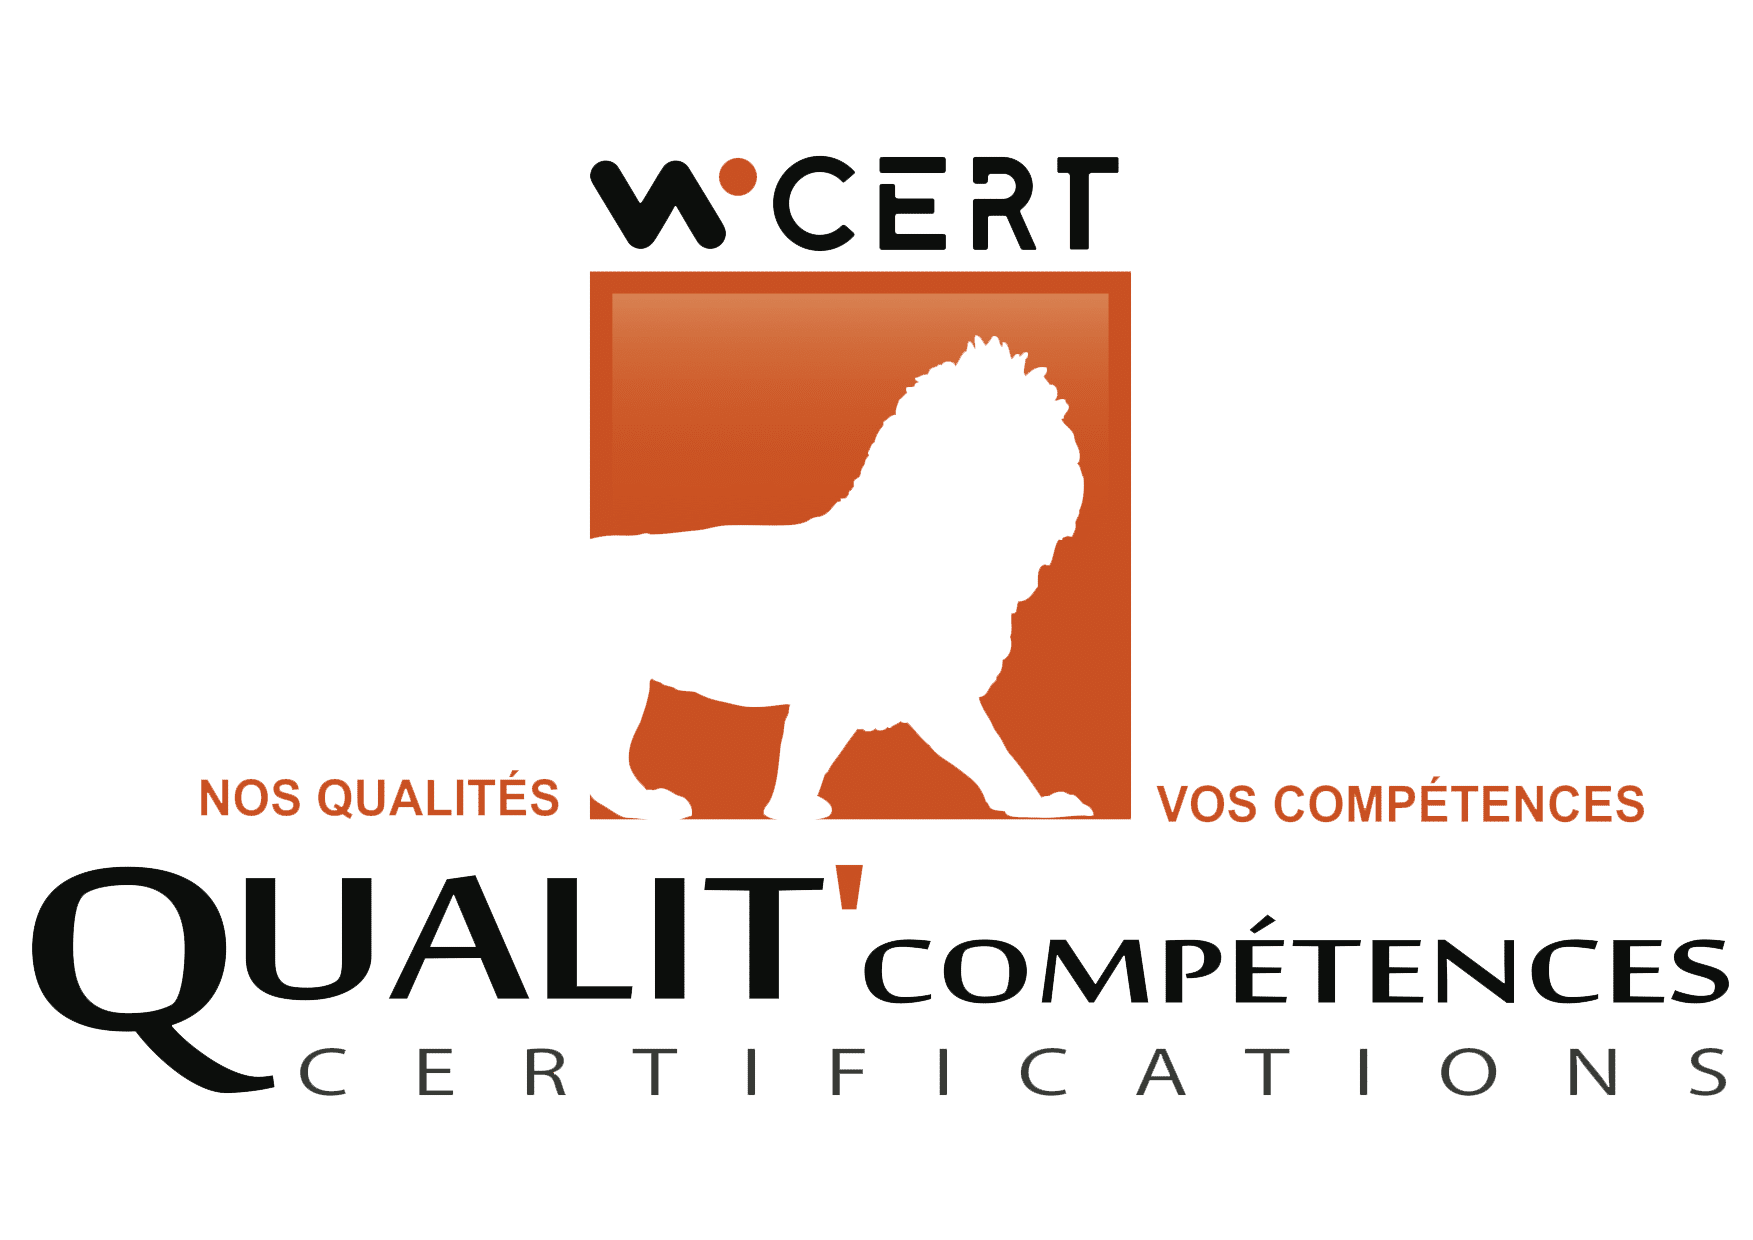 Certification diagnostiqueur immobilier Wi cert - Emmanuel RAGUENEAU - Challans